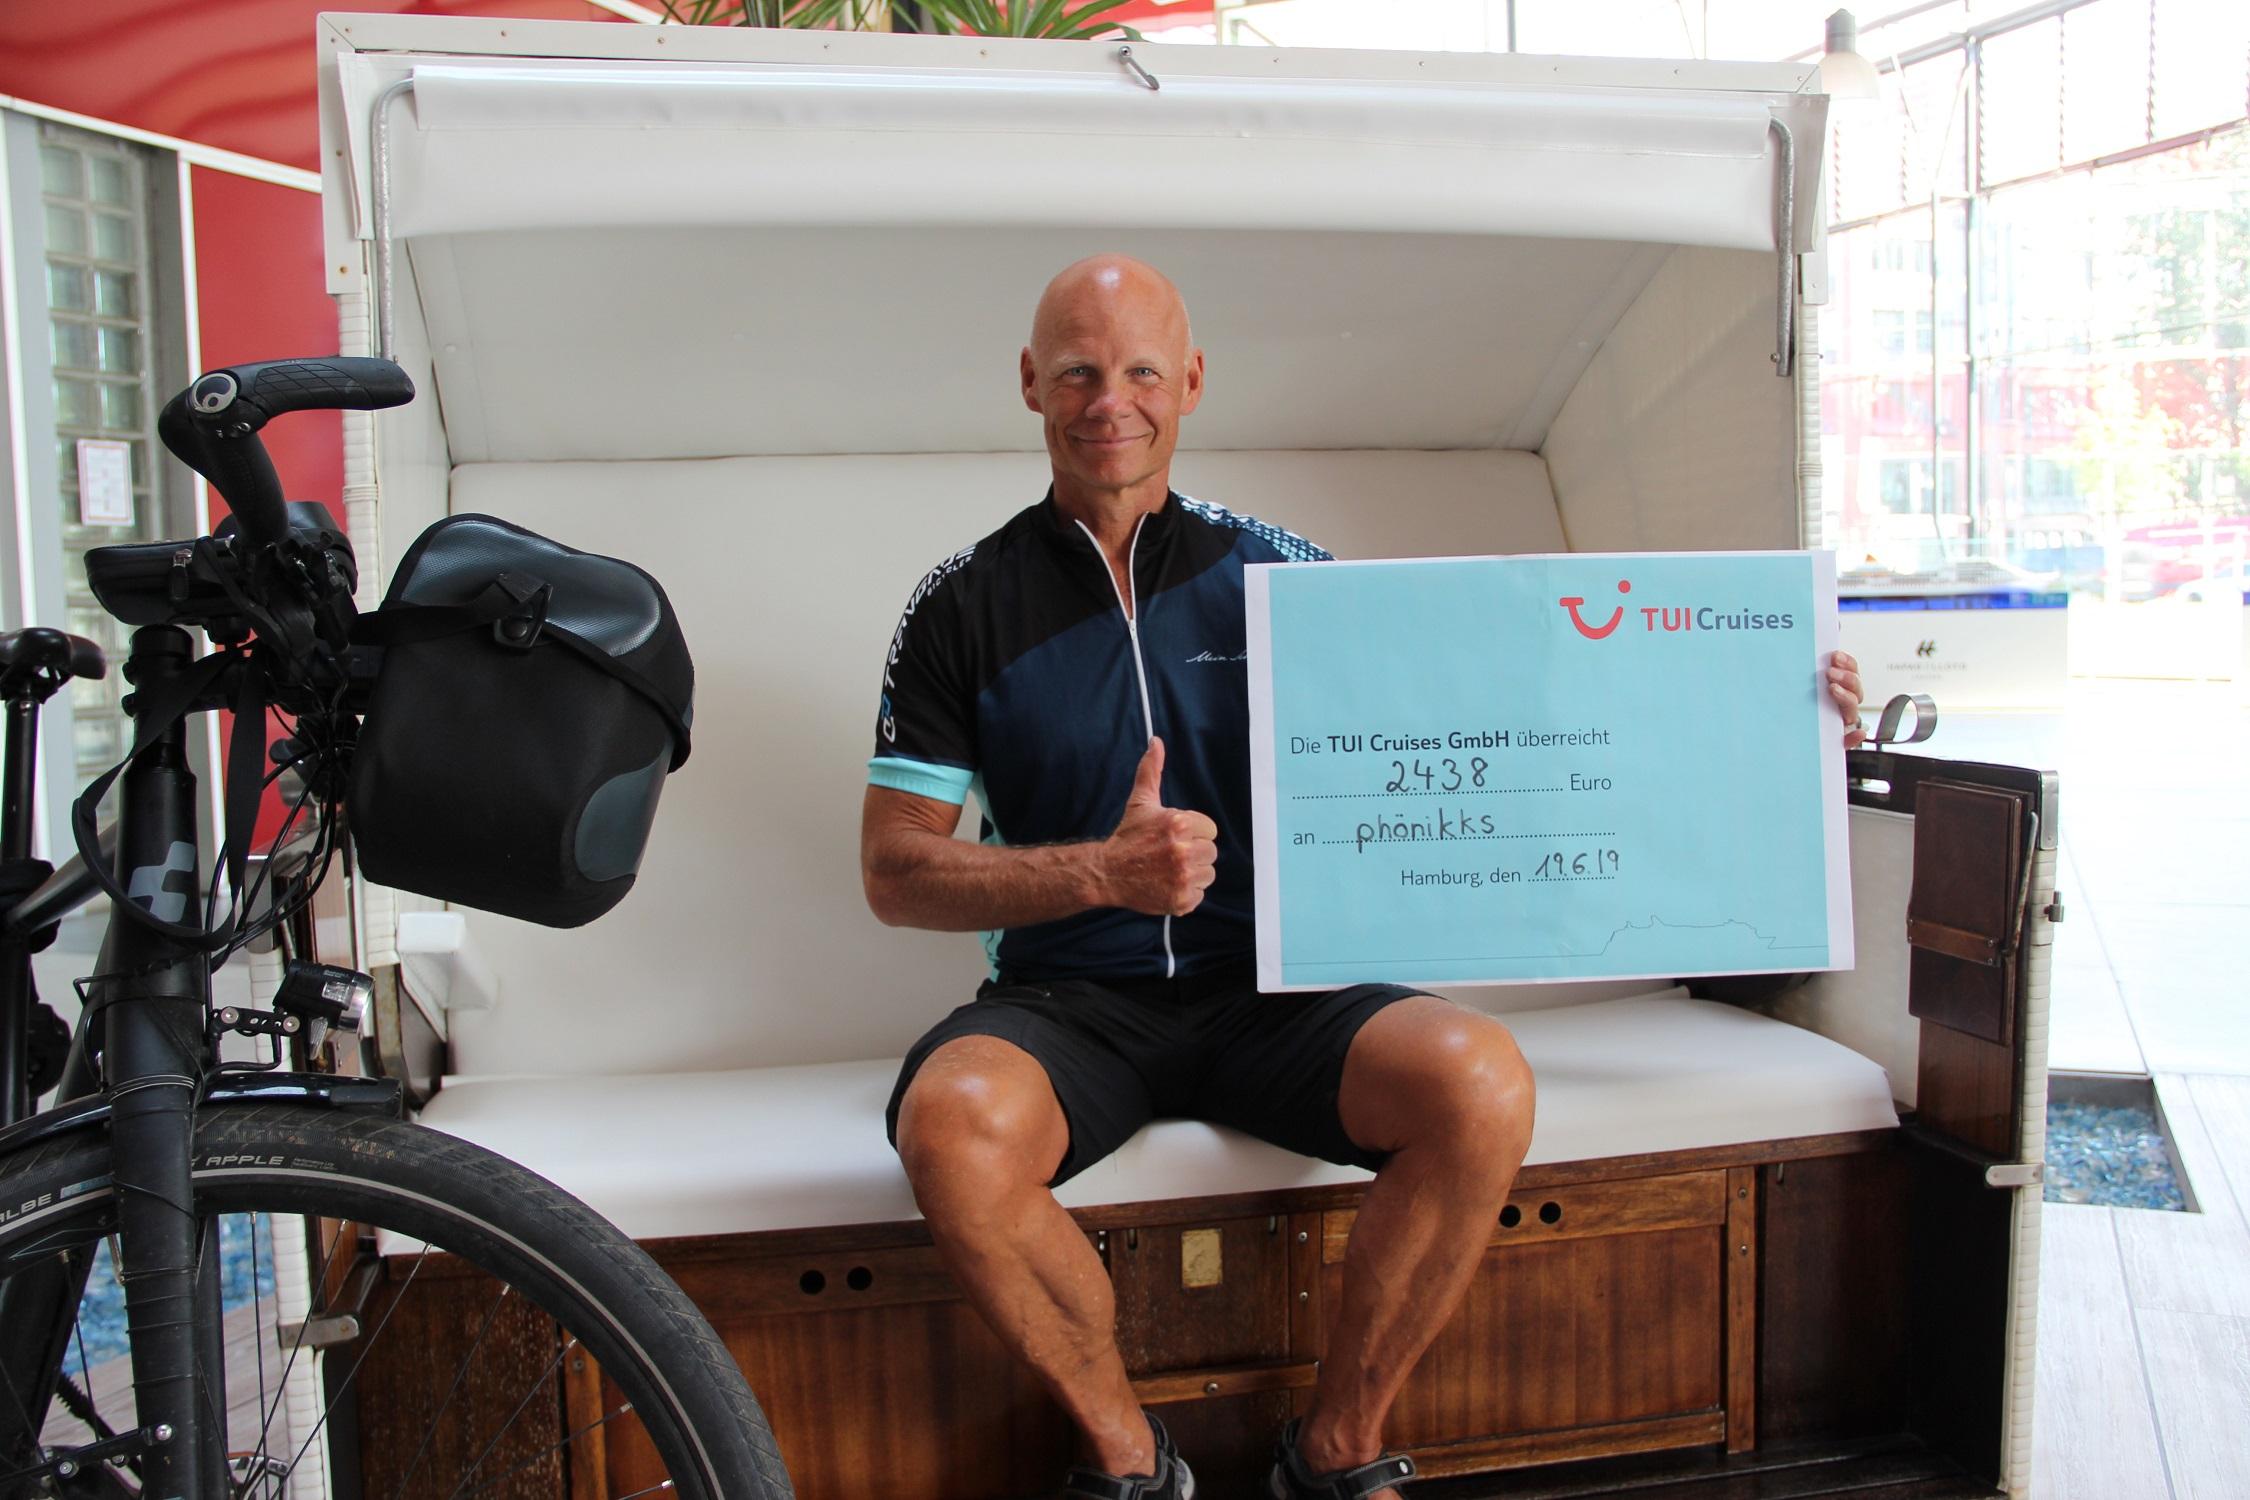 Mein Schiff Kapitän Todd Burgman erradelt 2.438 € für den guten Zweck